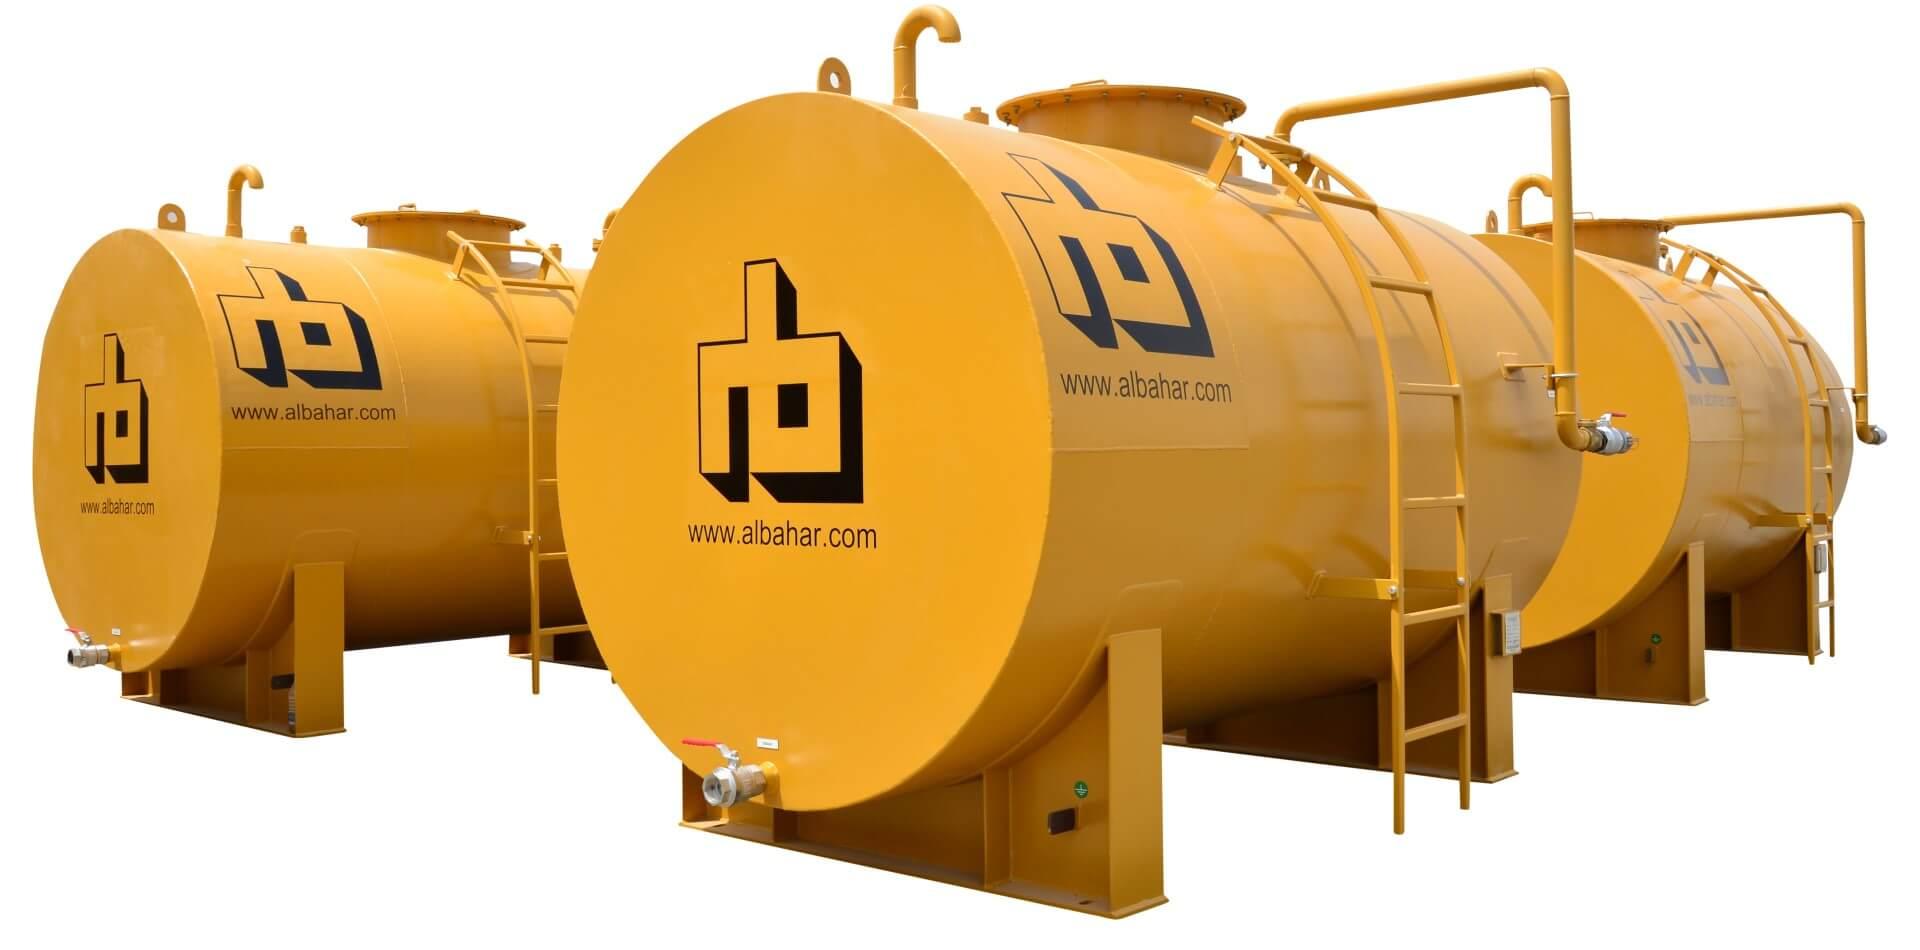 Fuel Storage Tanks | Leading Manufacturer in UAE - Al Bahar MCEM